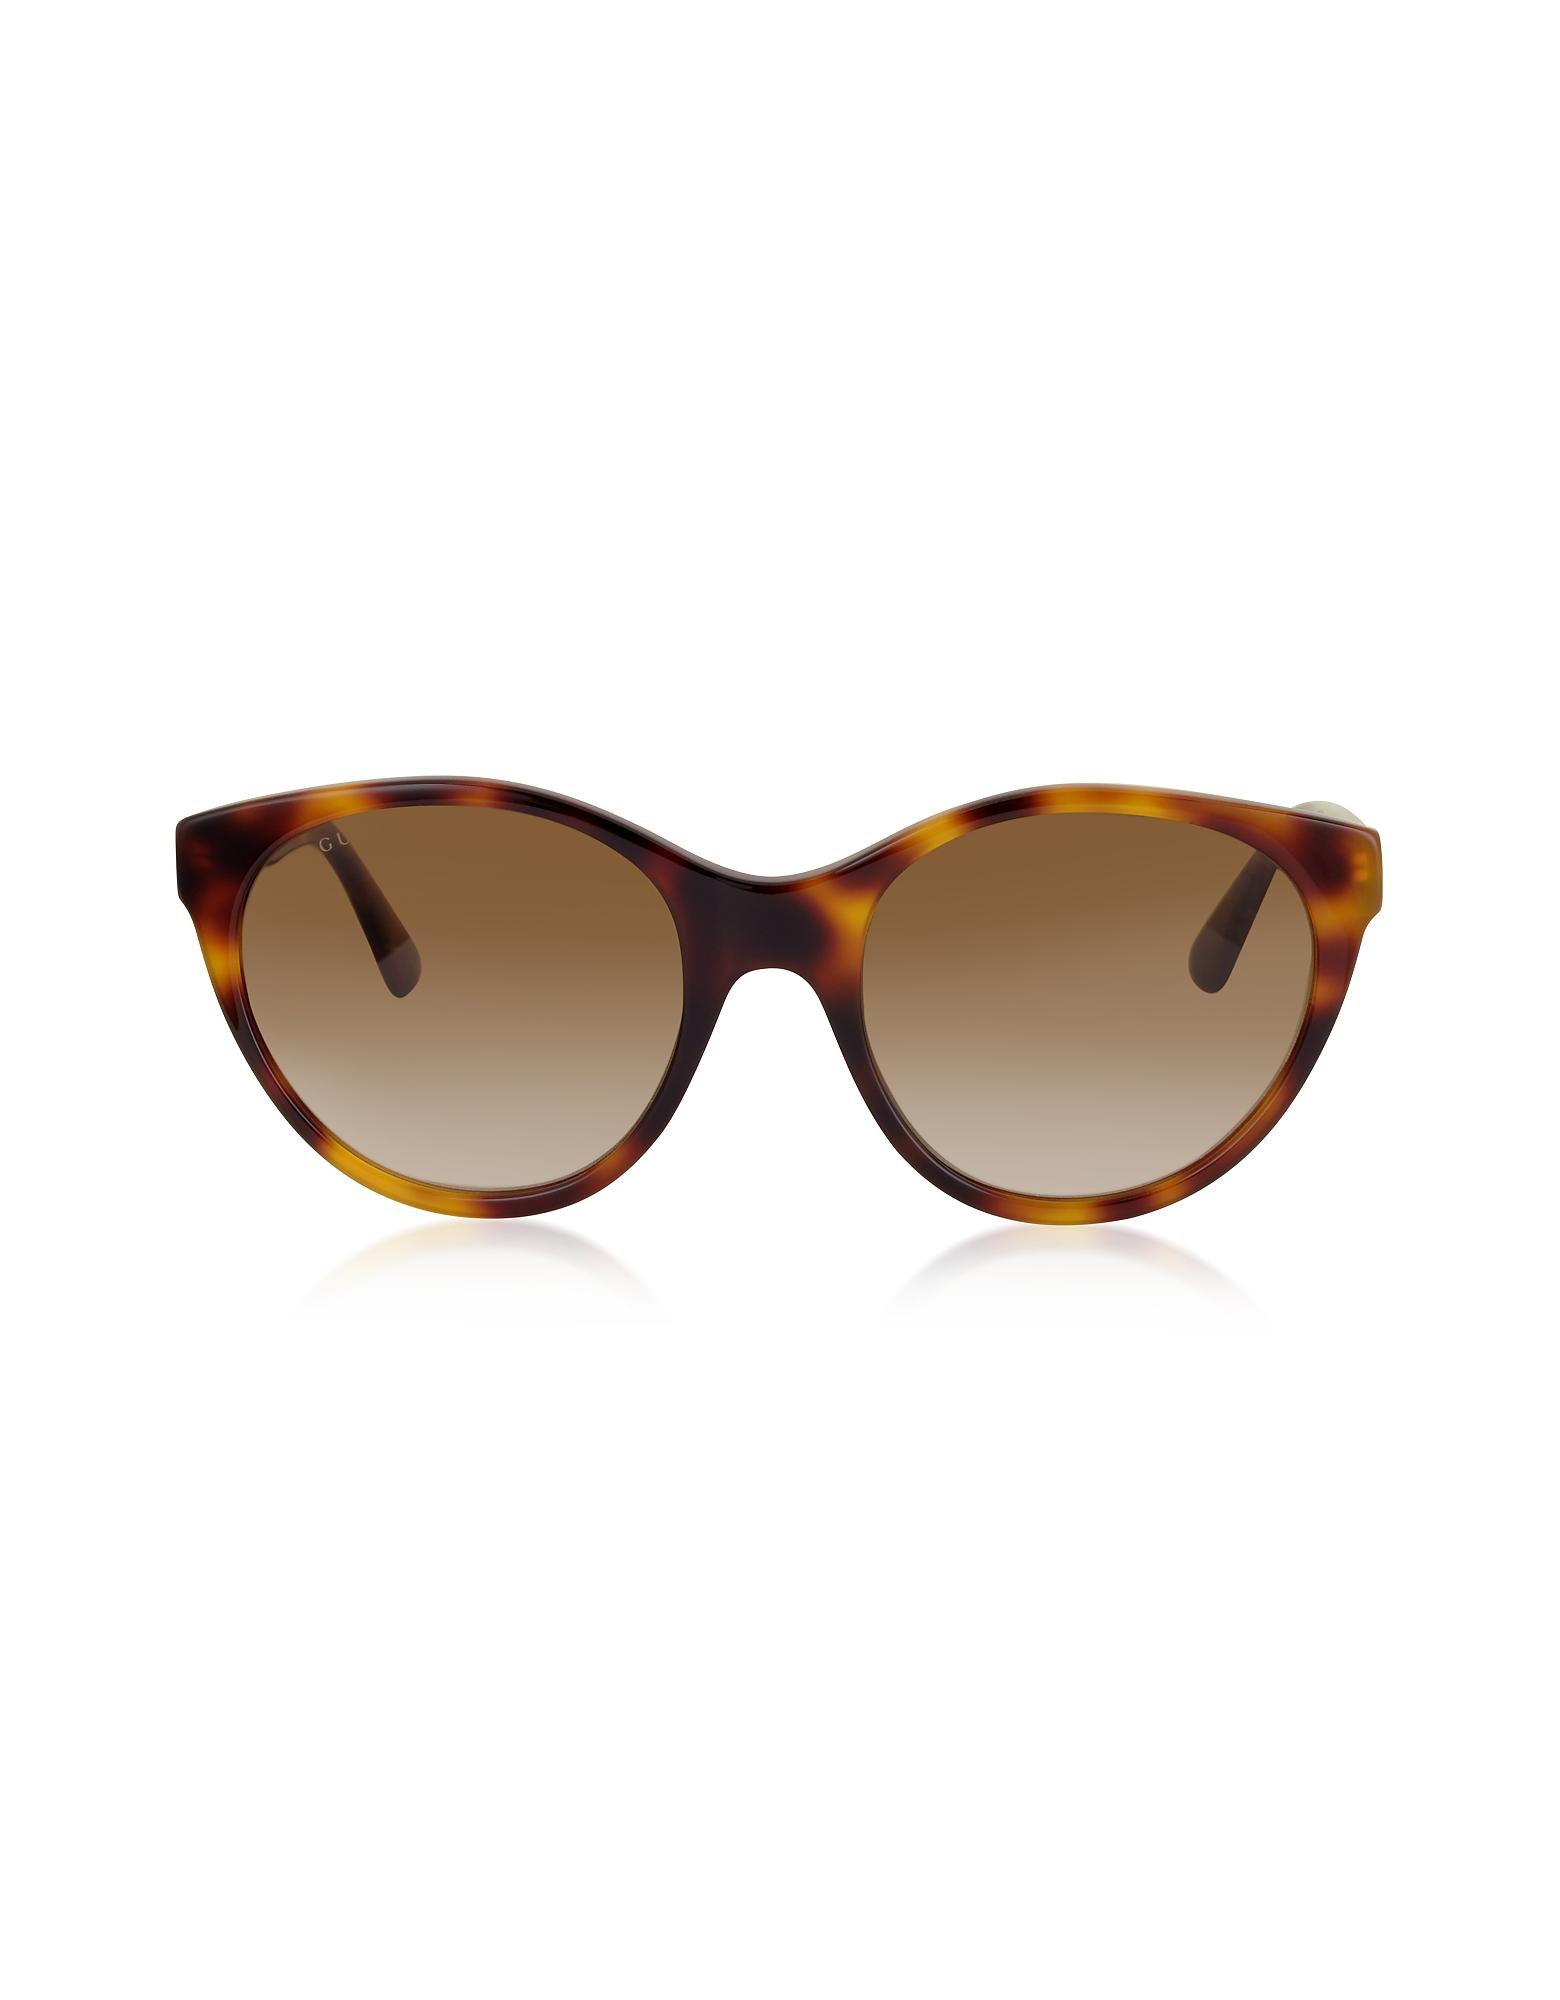 GG0419S Cat-Eye Acetate Frame Sunglasses